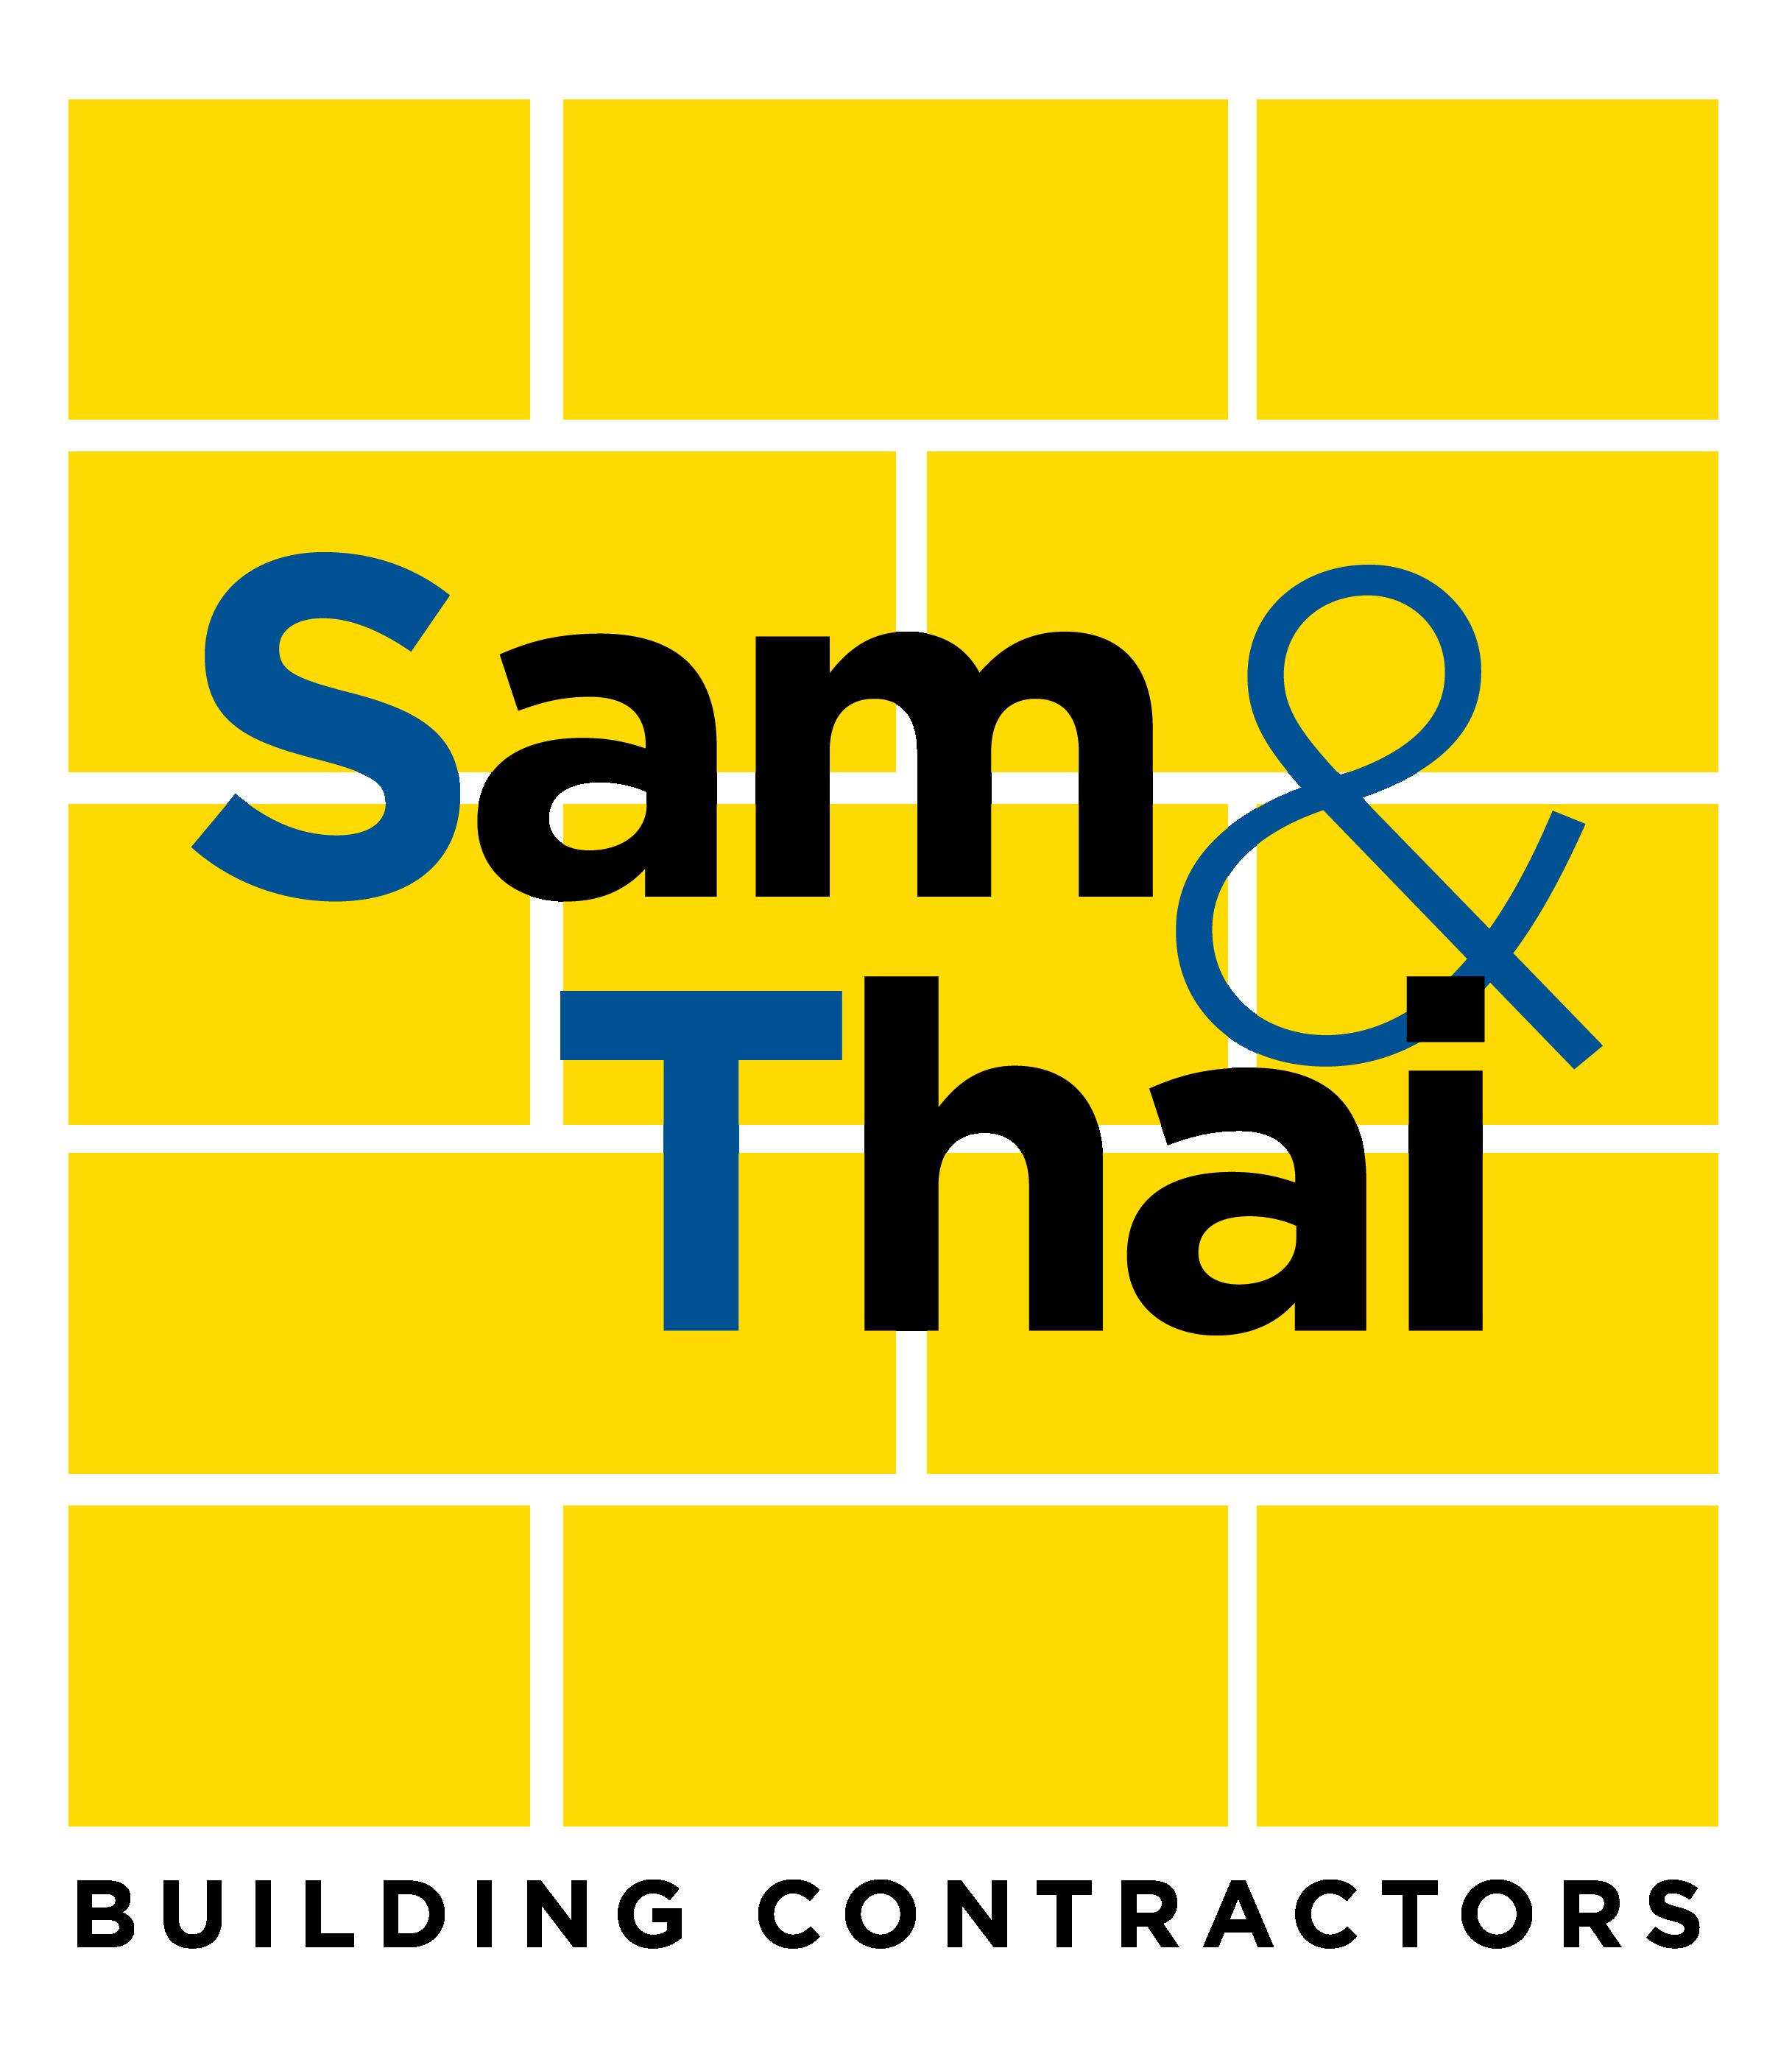 Samuel, Sam & Thai